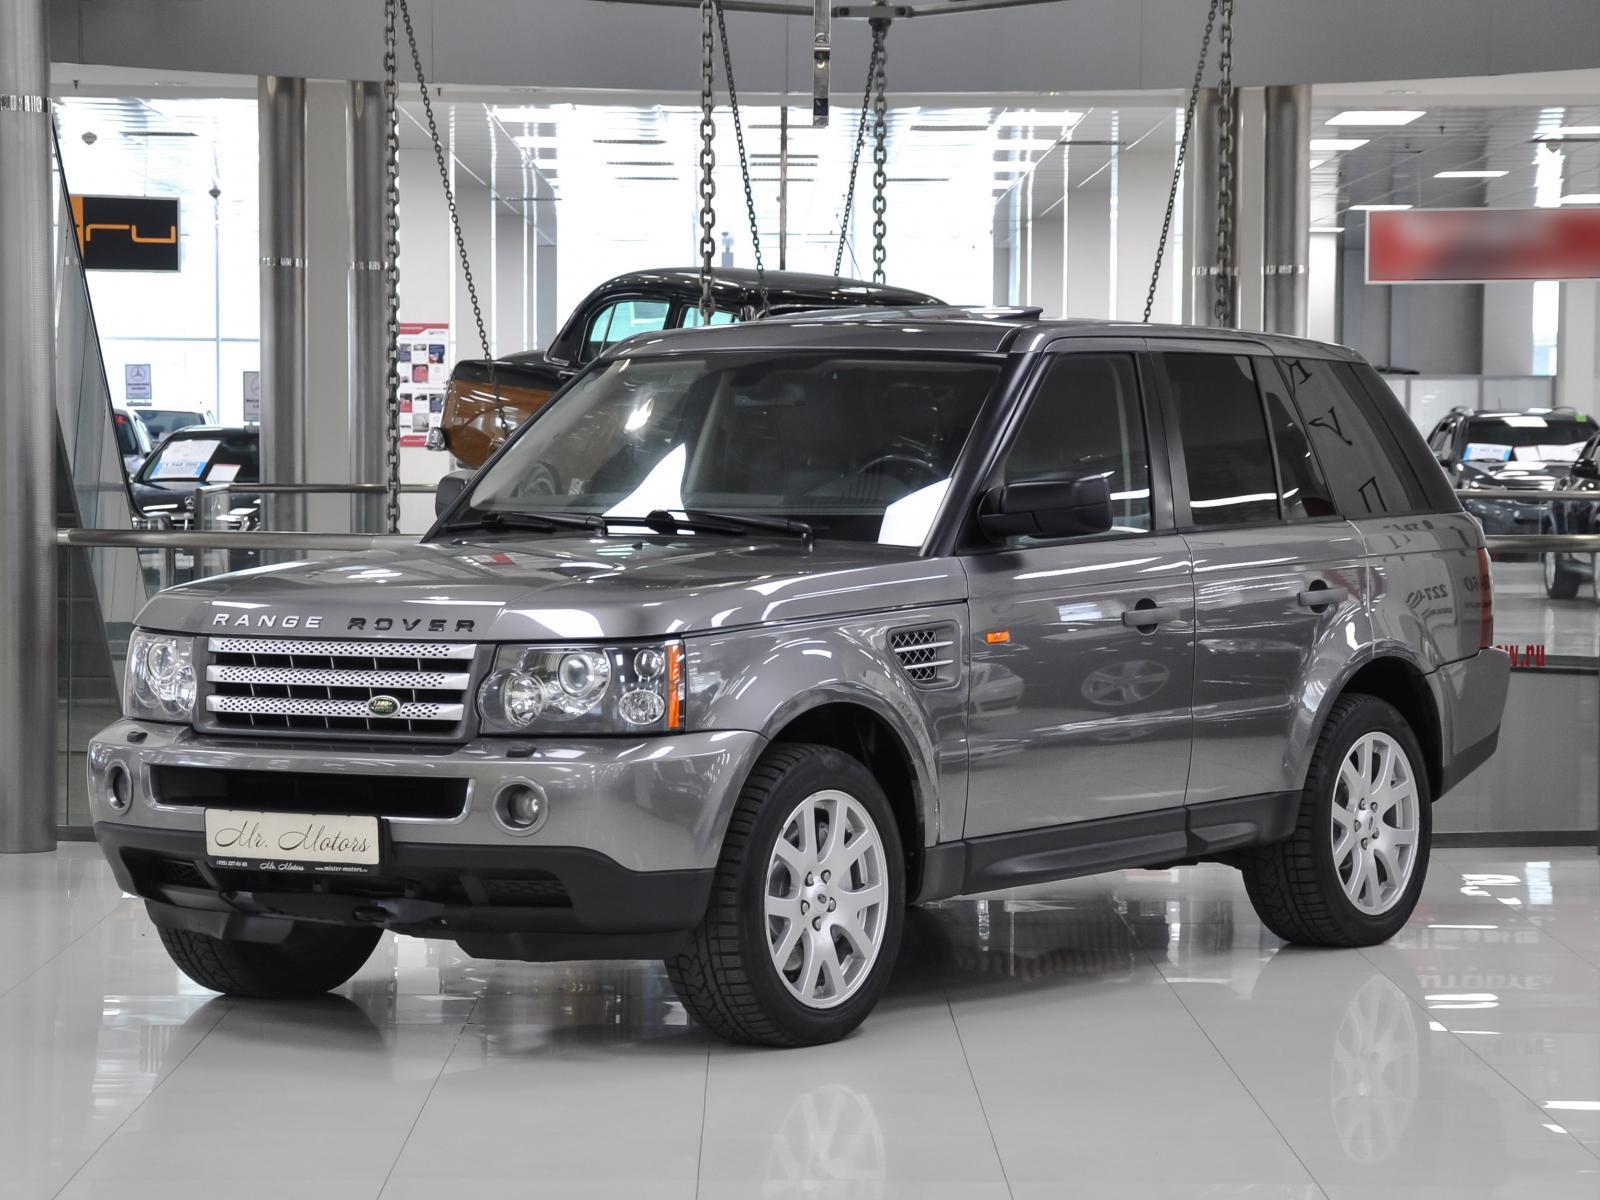 Land Rover Range Rover Sport с пробегом в Москве. Автомобильная компания Mr.Motors